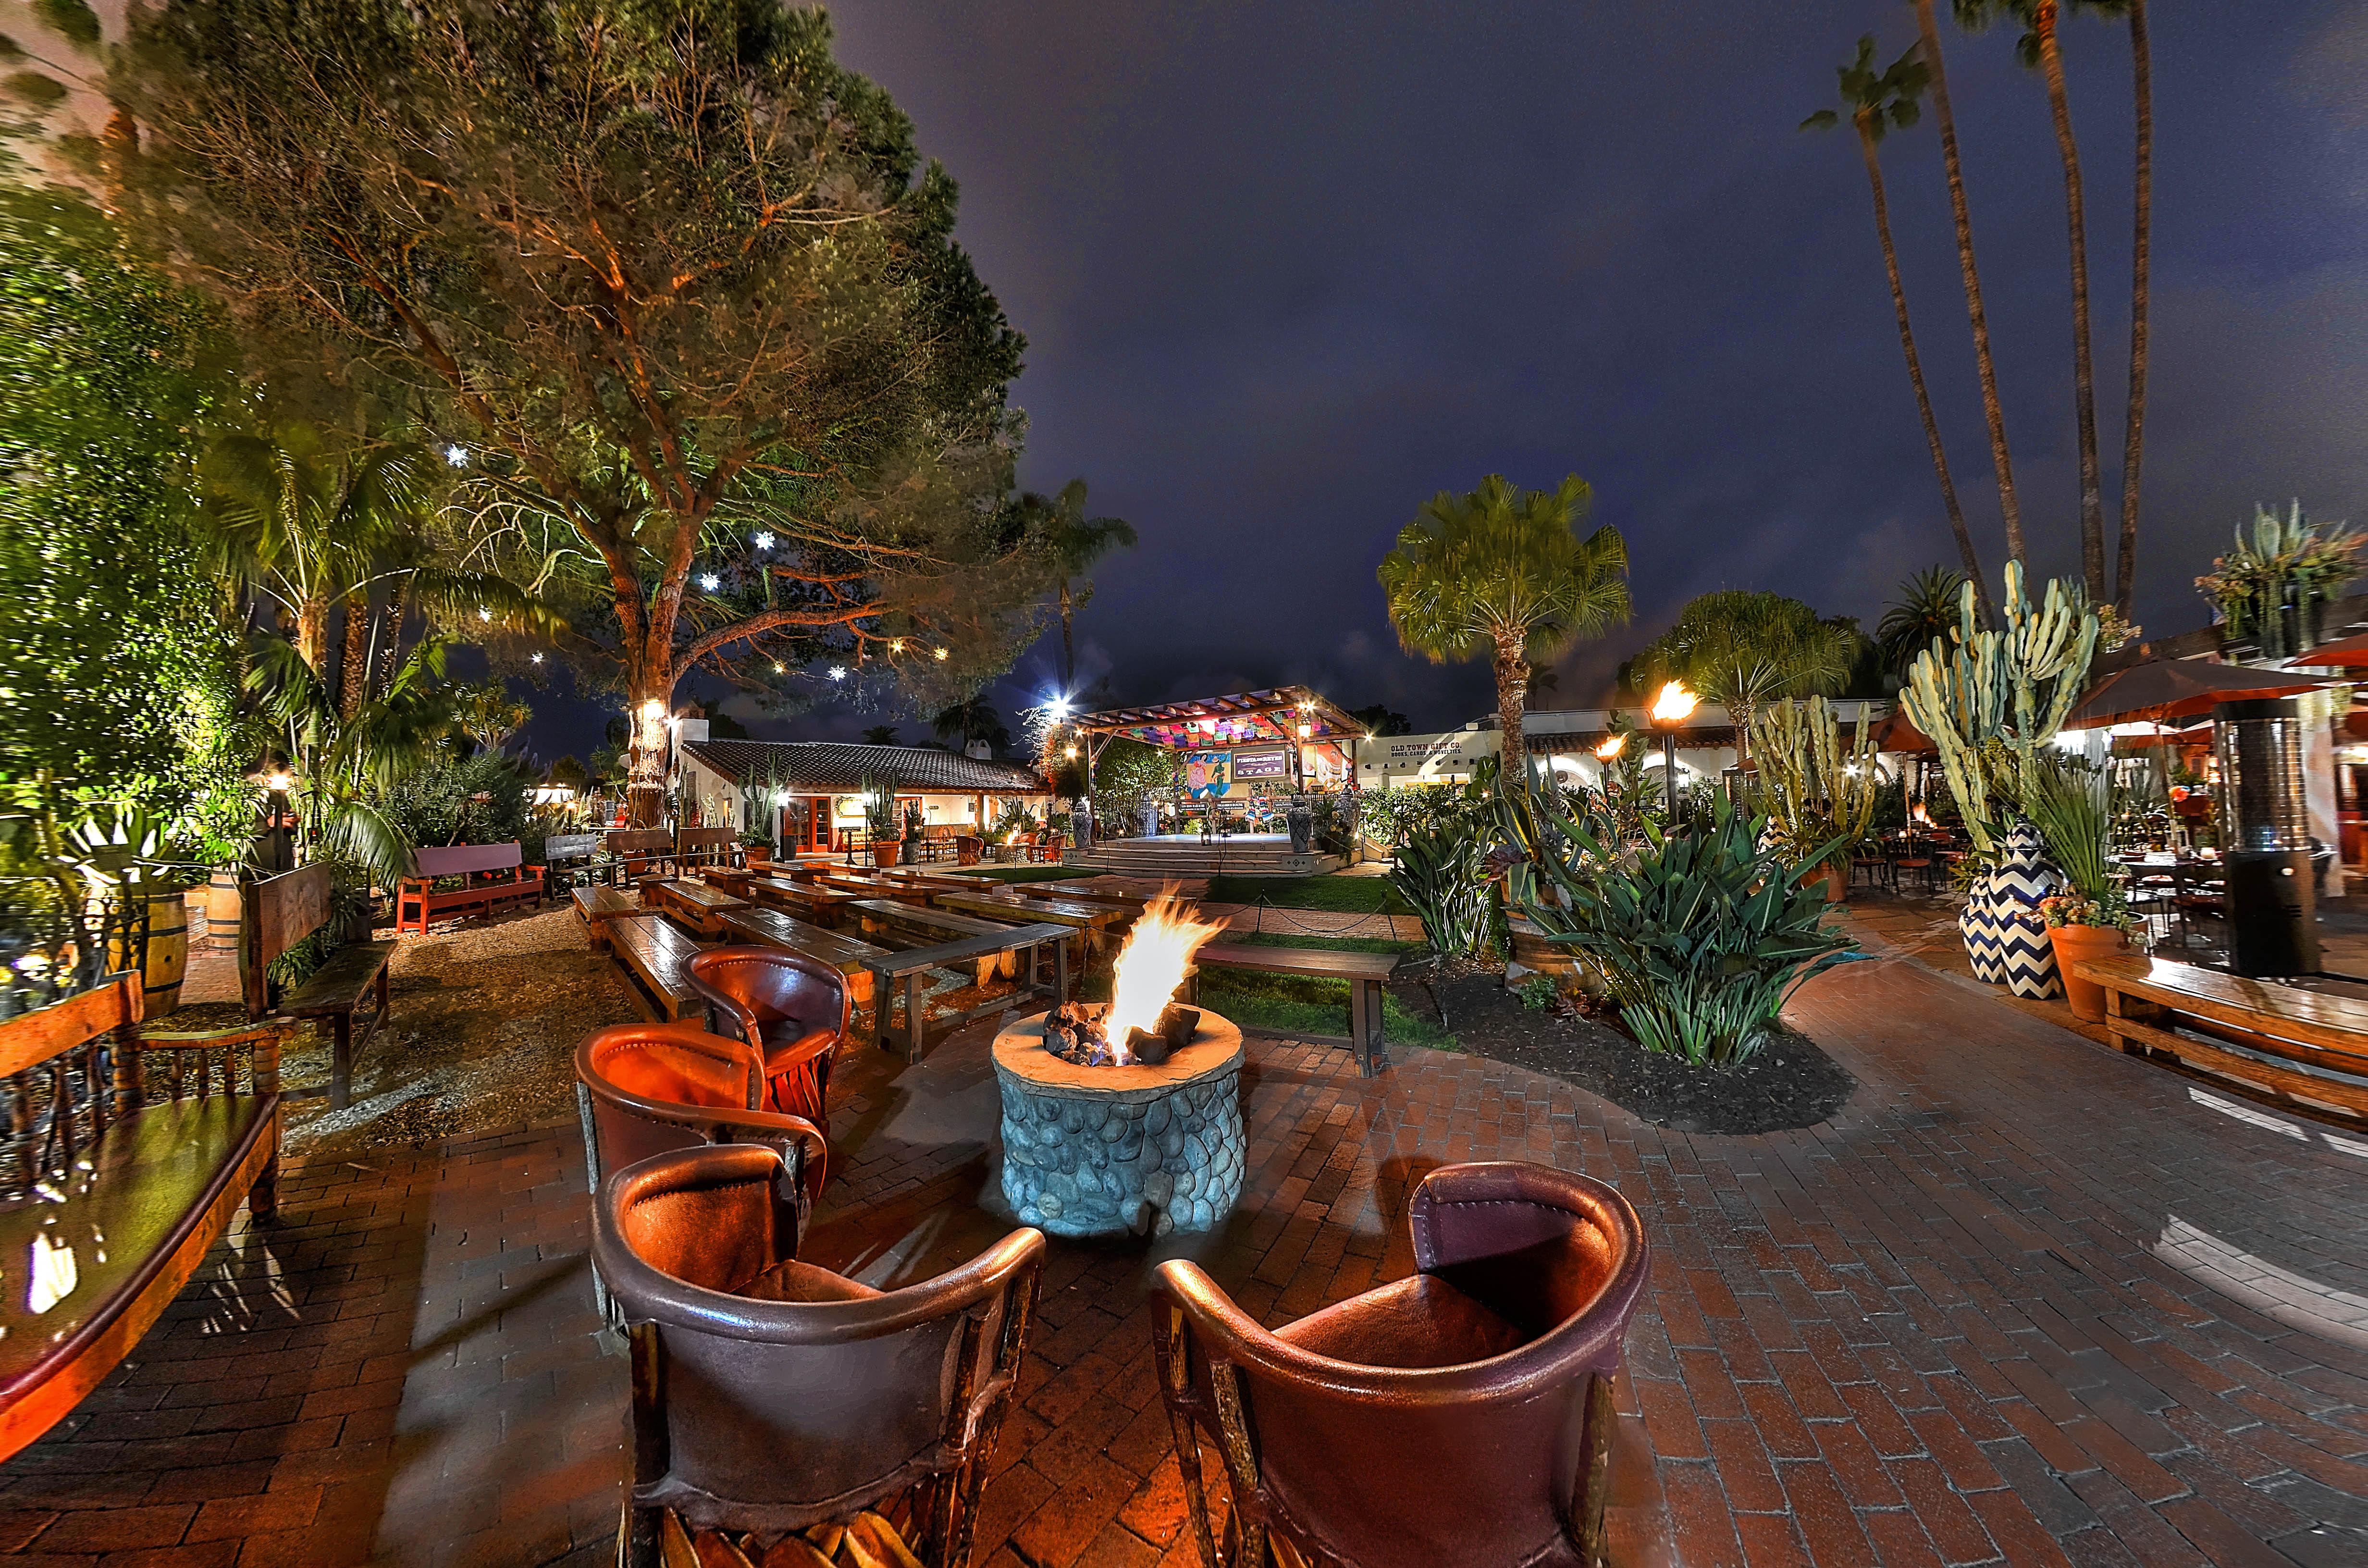 Casa-15-Courtyard at night